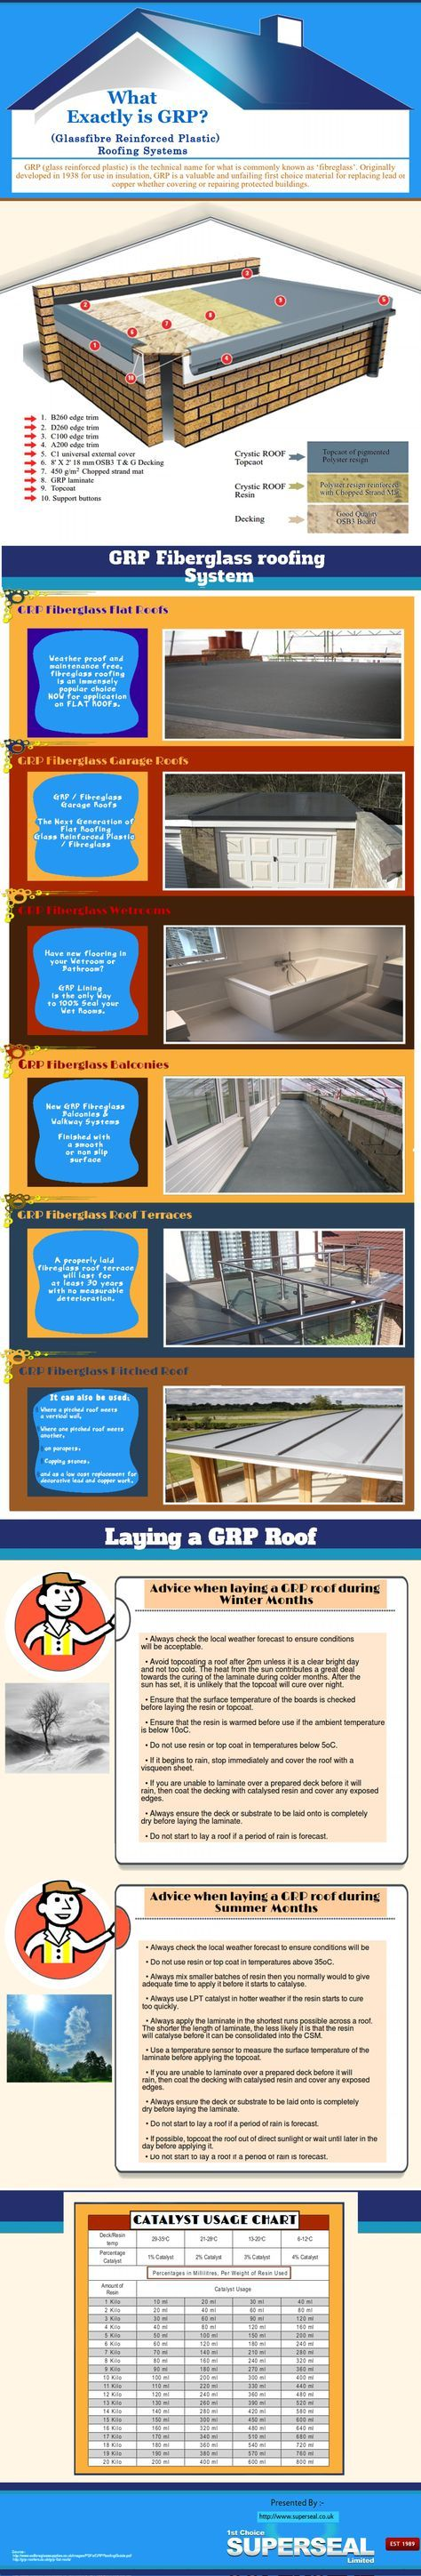 Best 32 Ideas House Glass Extension Flat Roof Fibreglass Roof 400 x 300